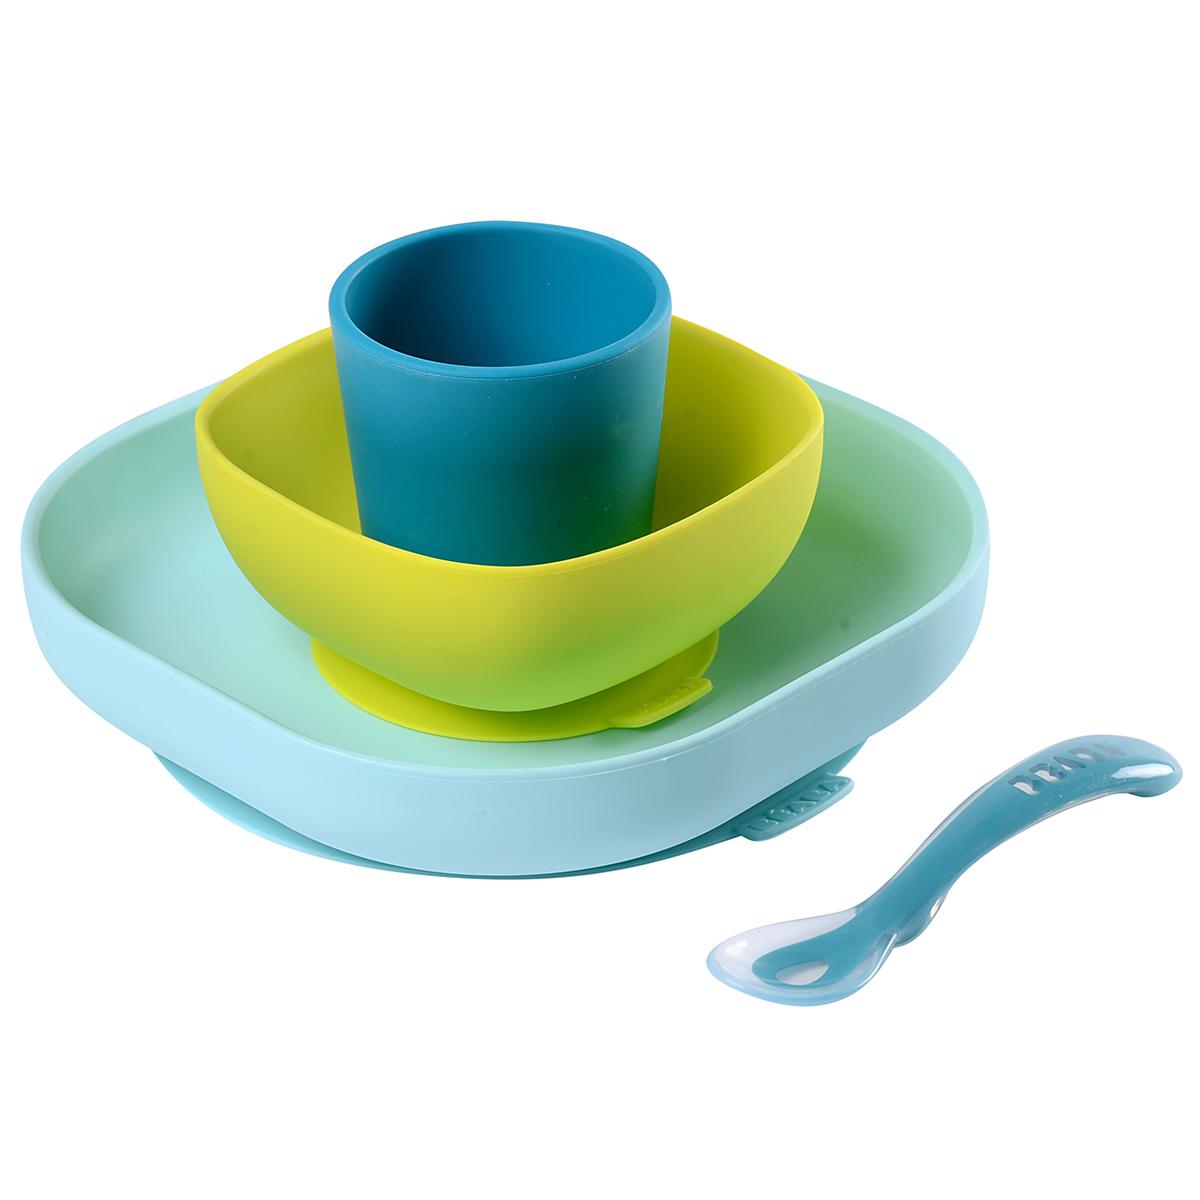 Coffret repas Set de Vaisselle 4 Pièces - Blue Set de Vaisselle 4 Pièces - Blue